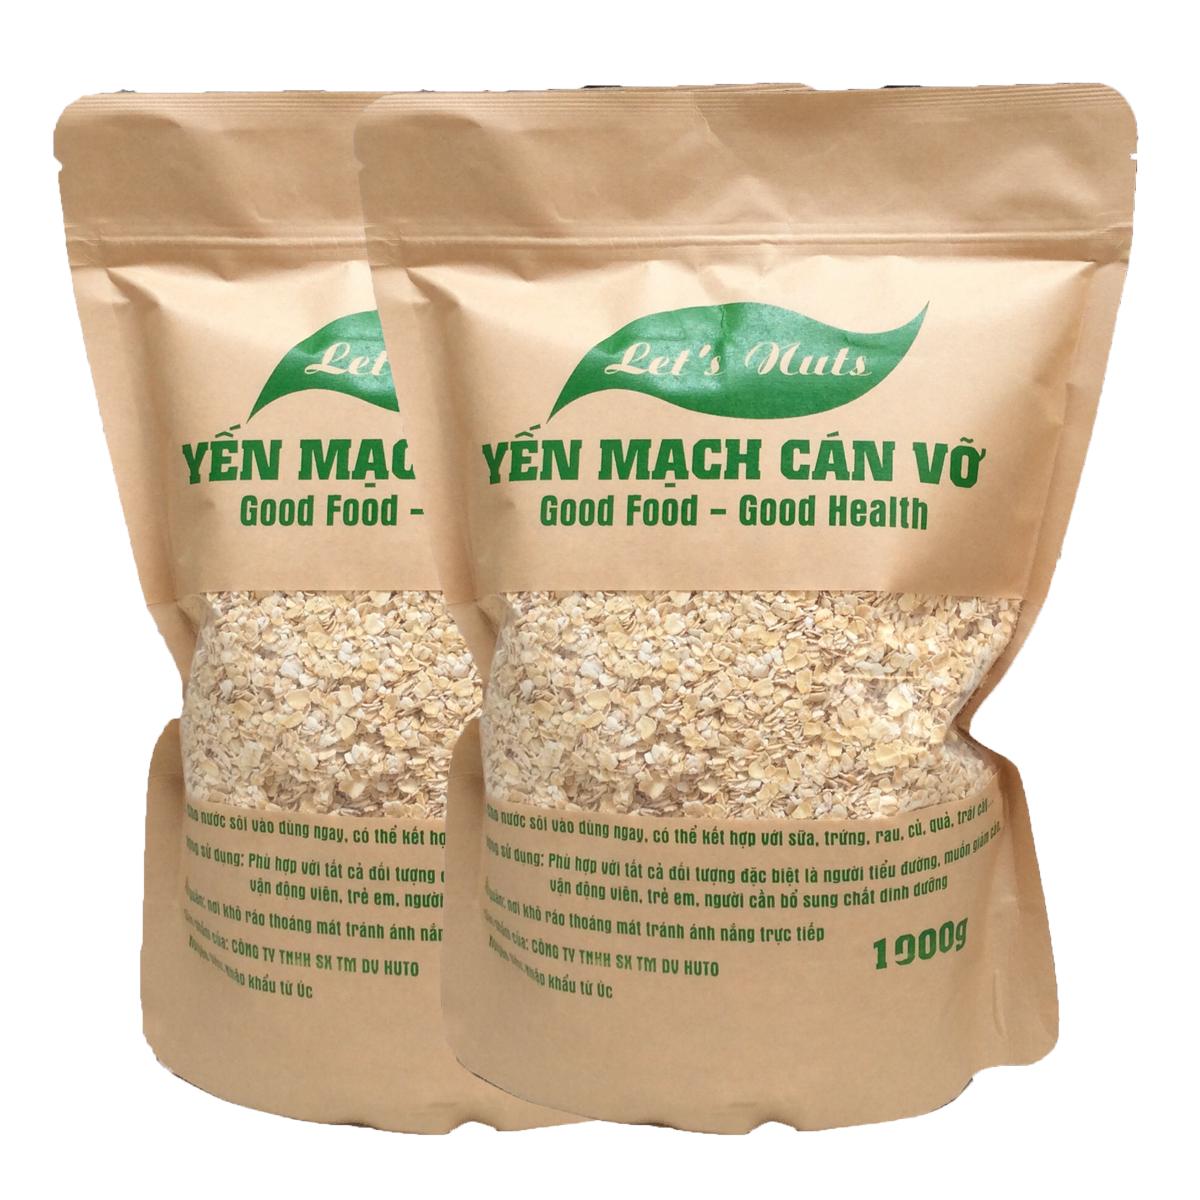 2 gói hạt yến mạch cán vỡ Let's Nuts làm ngũ cốc giảm cân, bột yến mạch, người tập gym, bổ sung chất dinh dưỡng túi 1000g Let Nuts